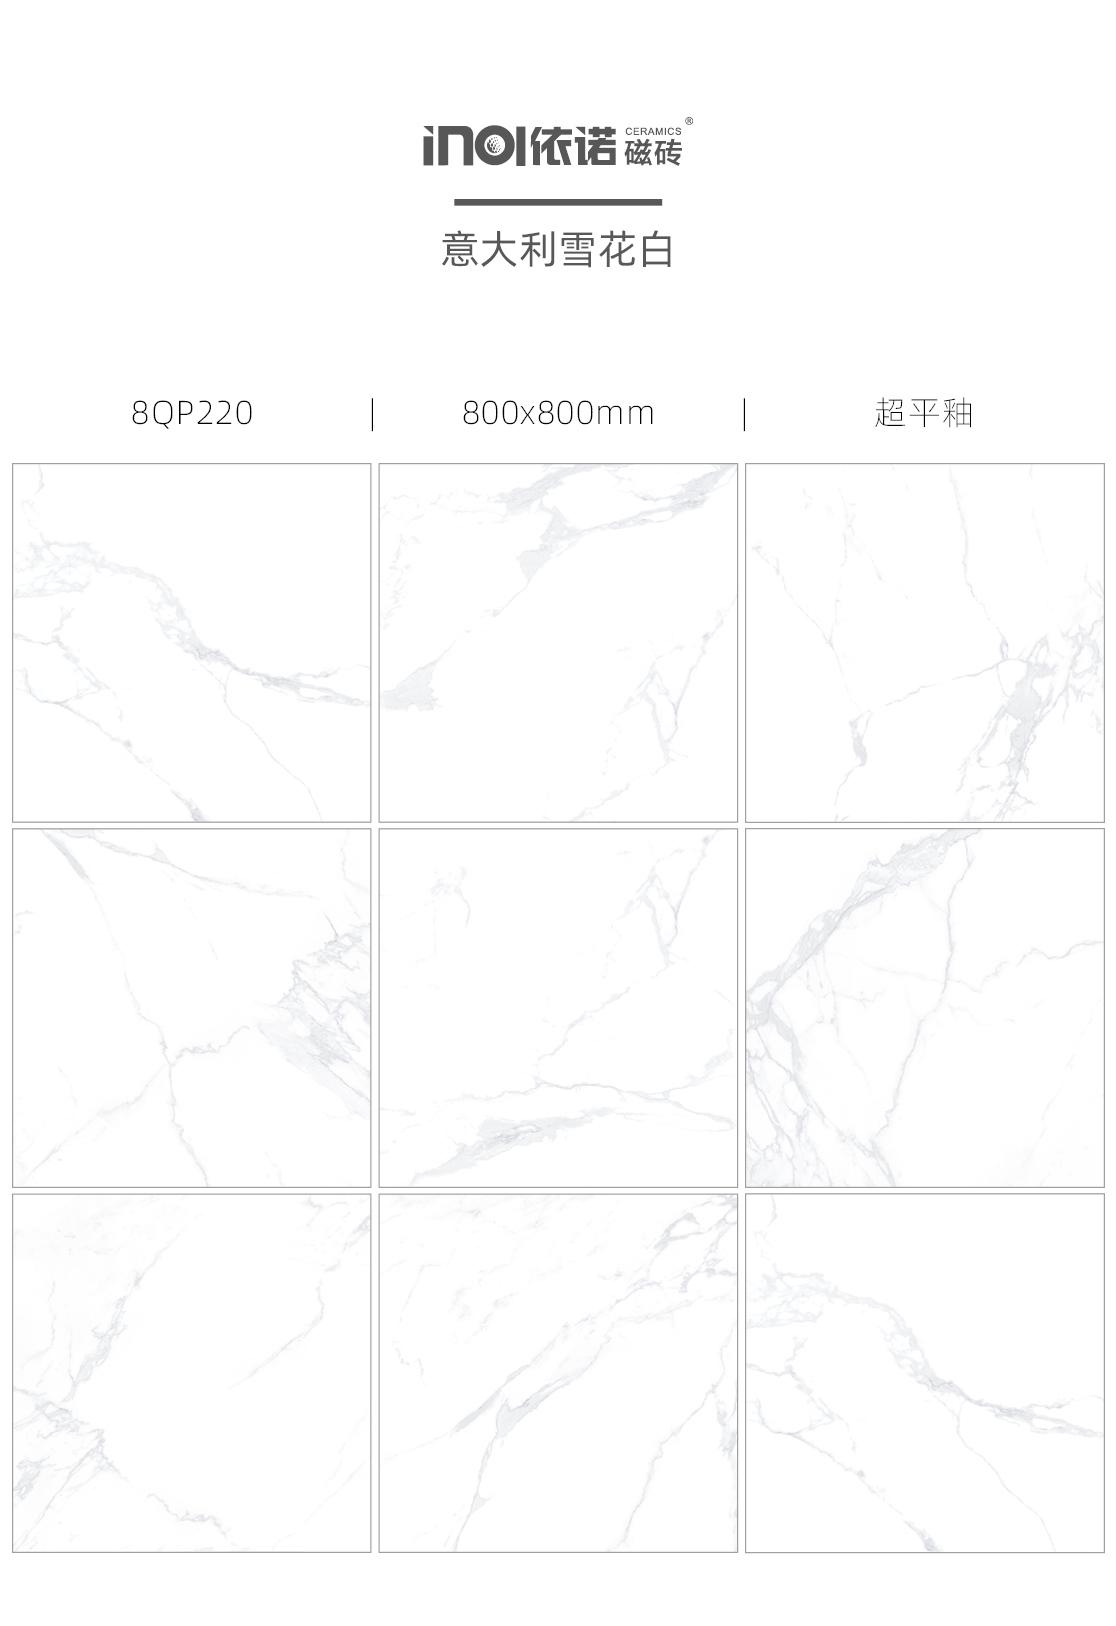 国产亚洲精品高清视频免费8QP220 雪花白5.jpg